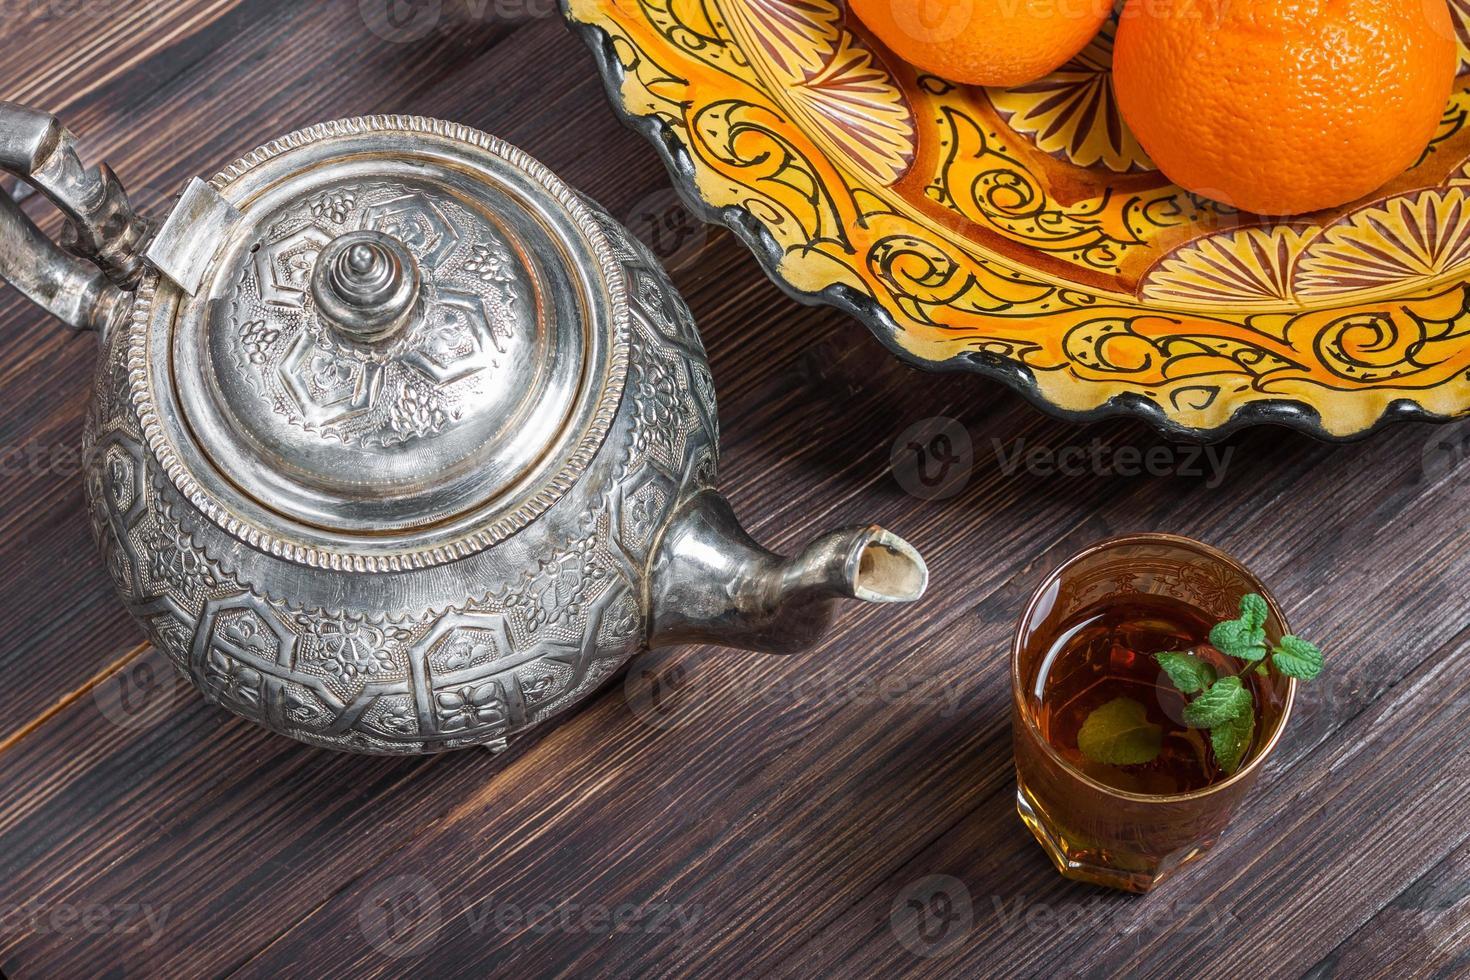 Té marroquí con menta, tetera y plato con adornos tradicionales foto